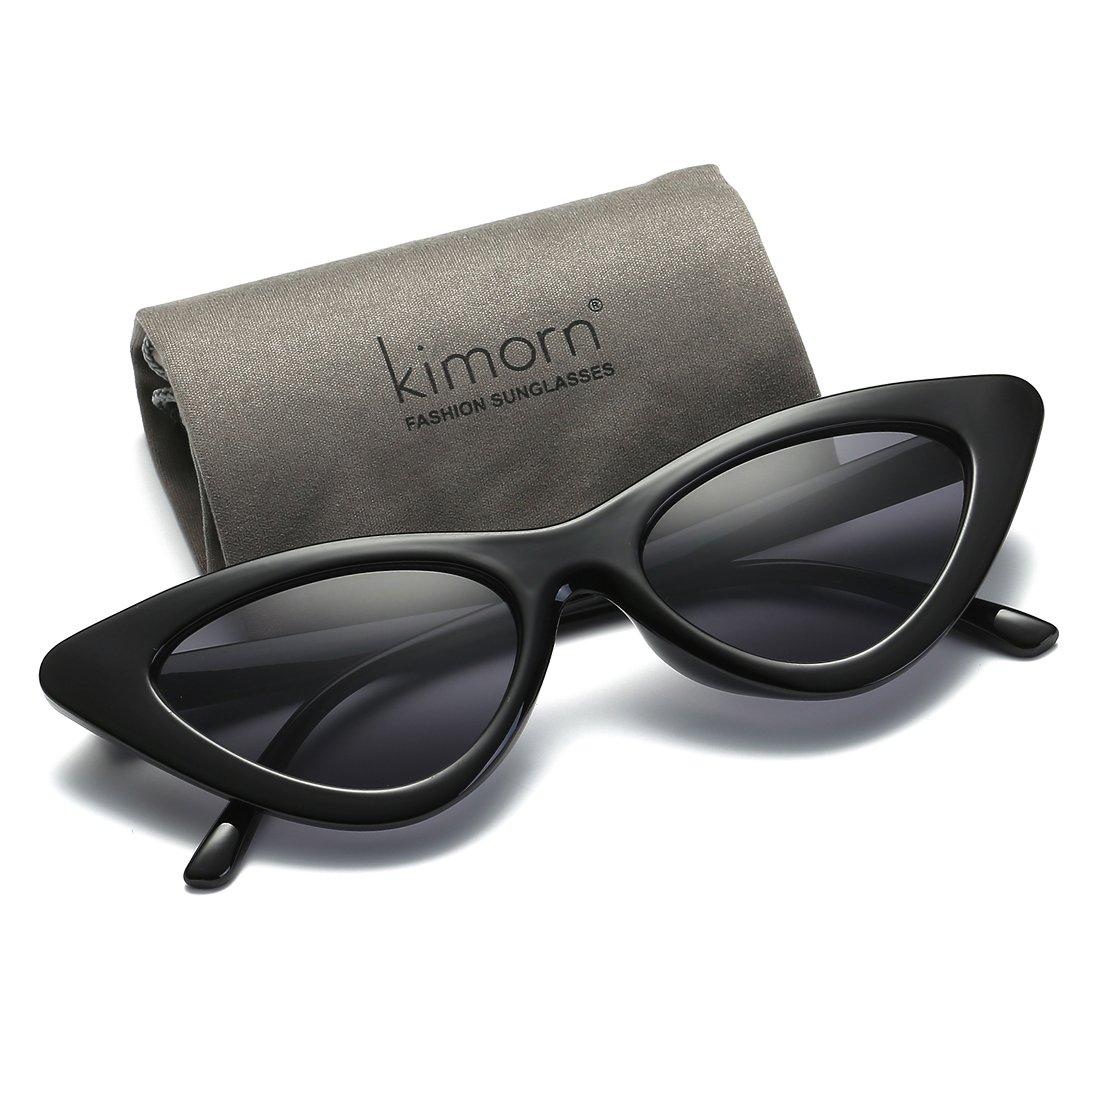 74b04f83c9 Kimorn Cat Eye Sunglasses For Women Clout Goggles Kurt Cobain Sun Glasses  K0566 (Black)  Amazon.co.uk  Clothing